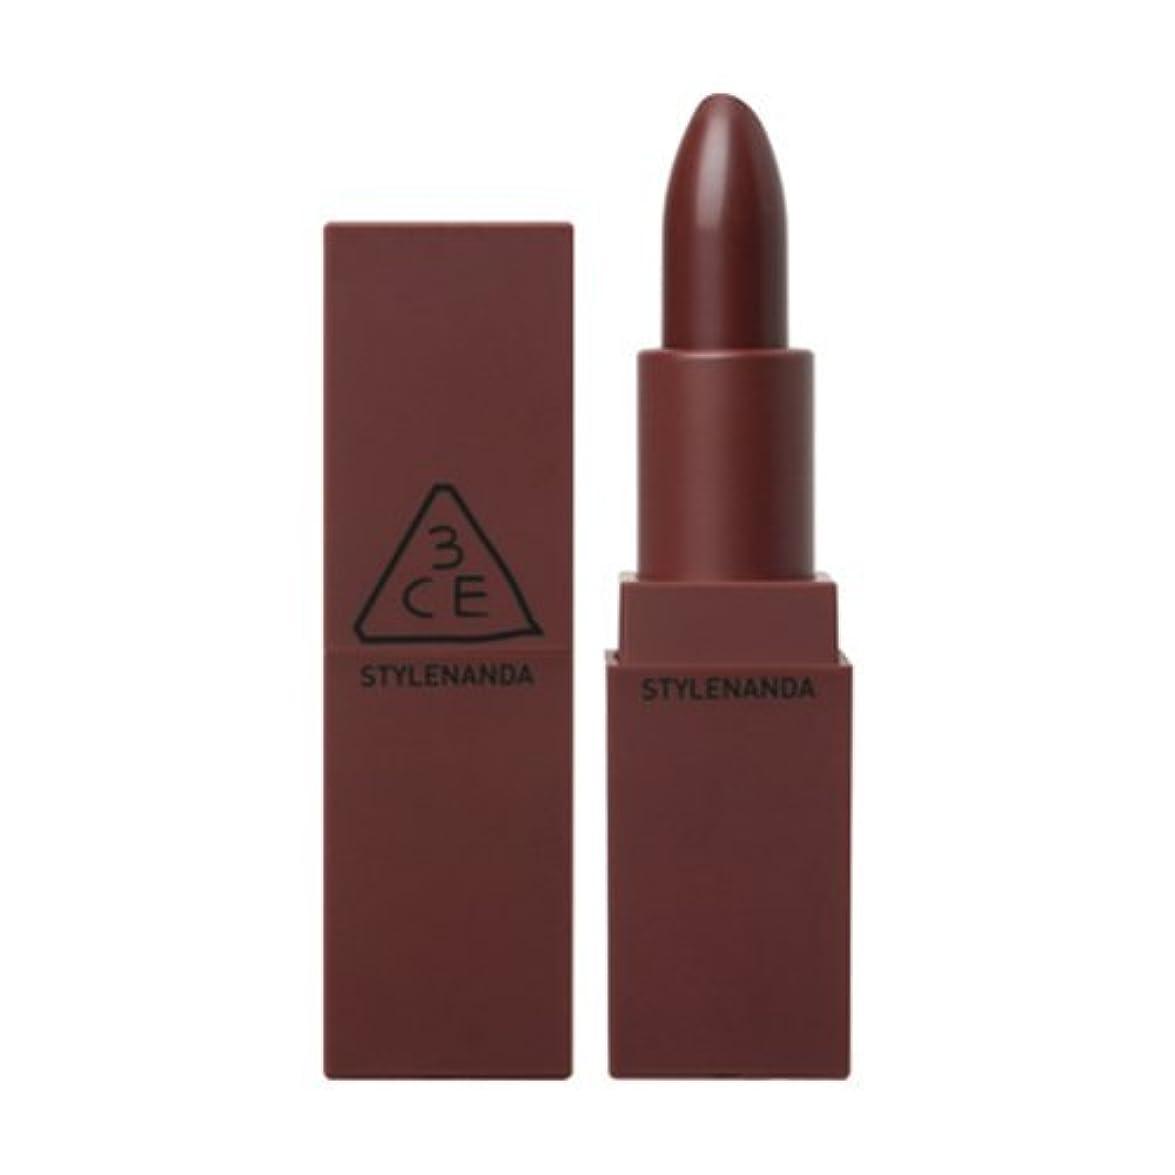 トリプル期限嫌がるSTYLE NANDA 3CE MOOD RECIPE マットリップ リップスティック カラー#117 Chicful 3.5g / STYLE NANDA 3CE MOOD RECIPE MATTE LIP Lipstick...